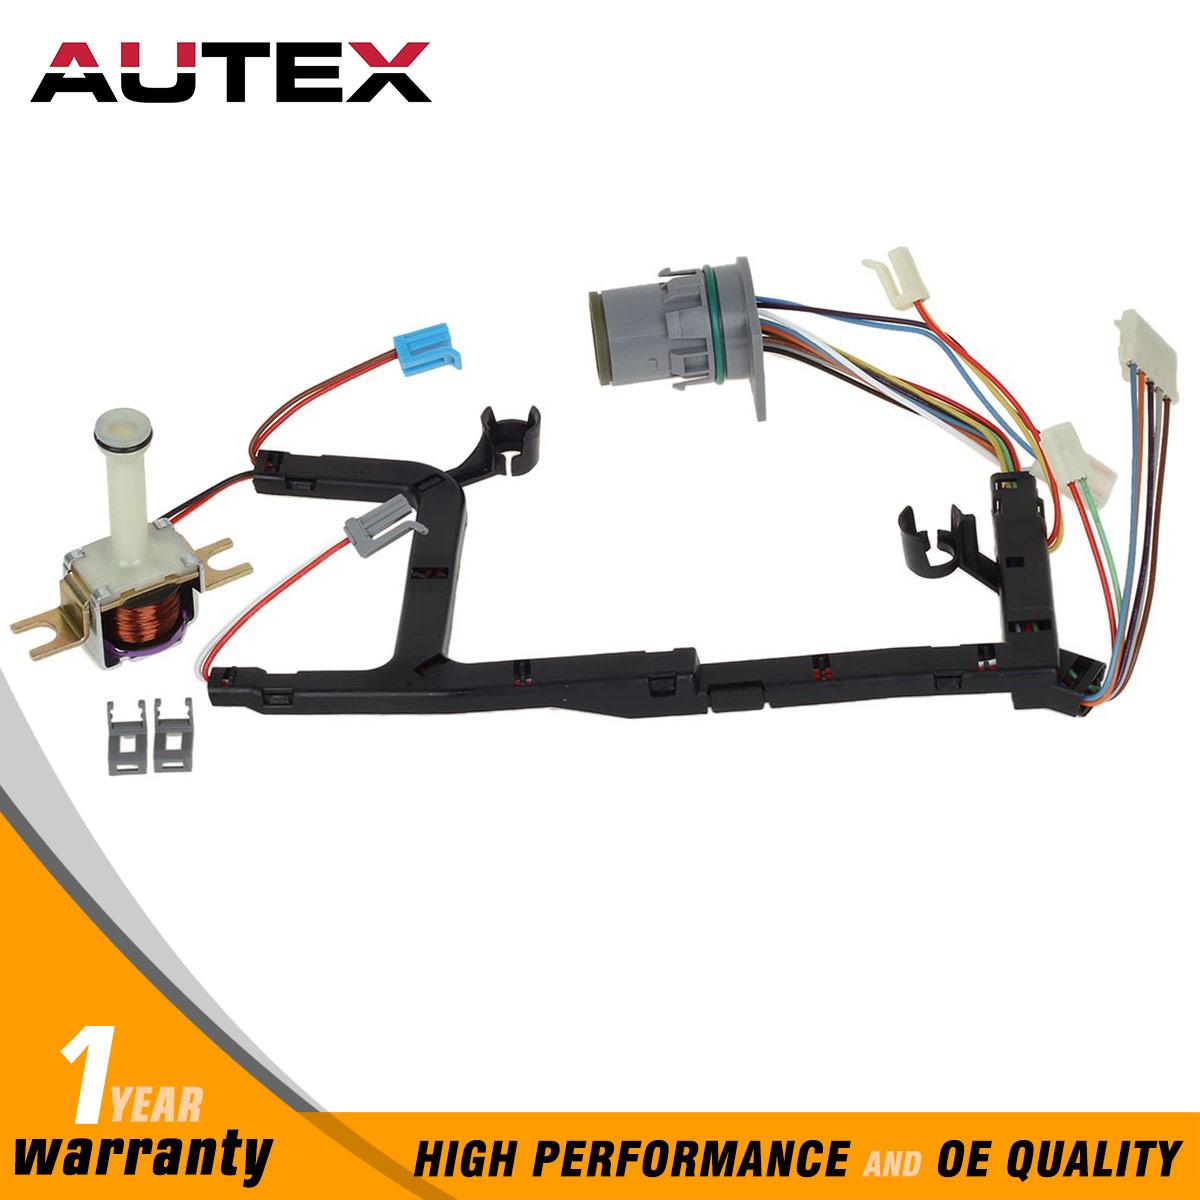 4l60e transmission internal wire harness w/tcc solenoid ... dodge transmission wiring harness 2002 jeep transmission wiring harness